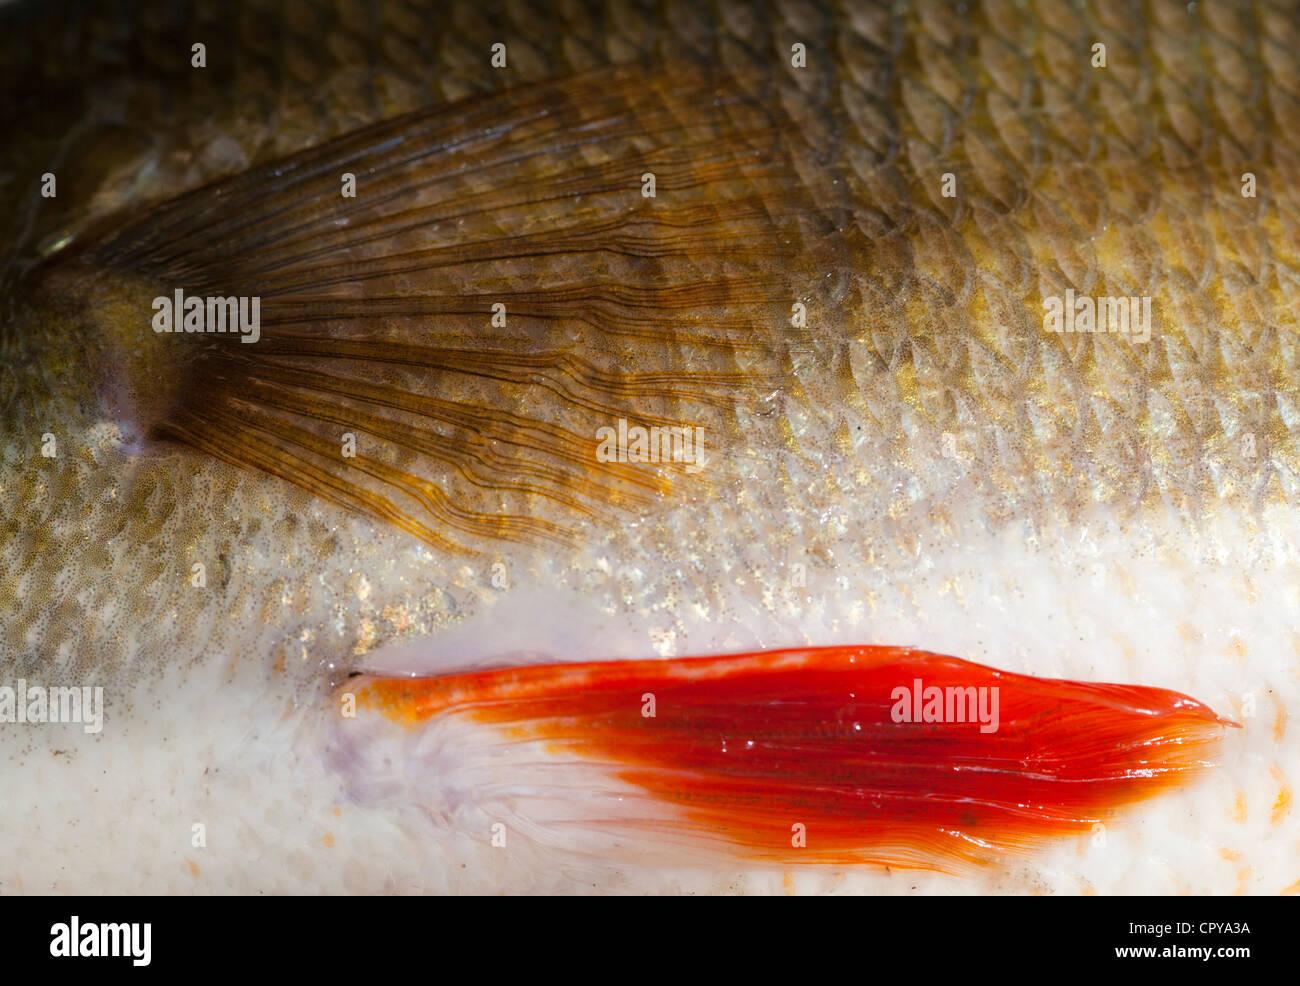 Pelle e scaglie di 1.1 kg di acqua dolce pesce persico (Perca fluviatilis ) Immagini Stock